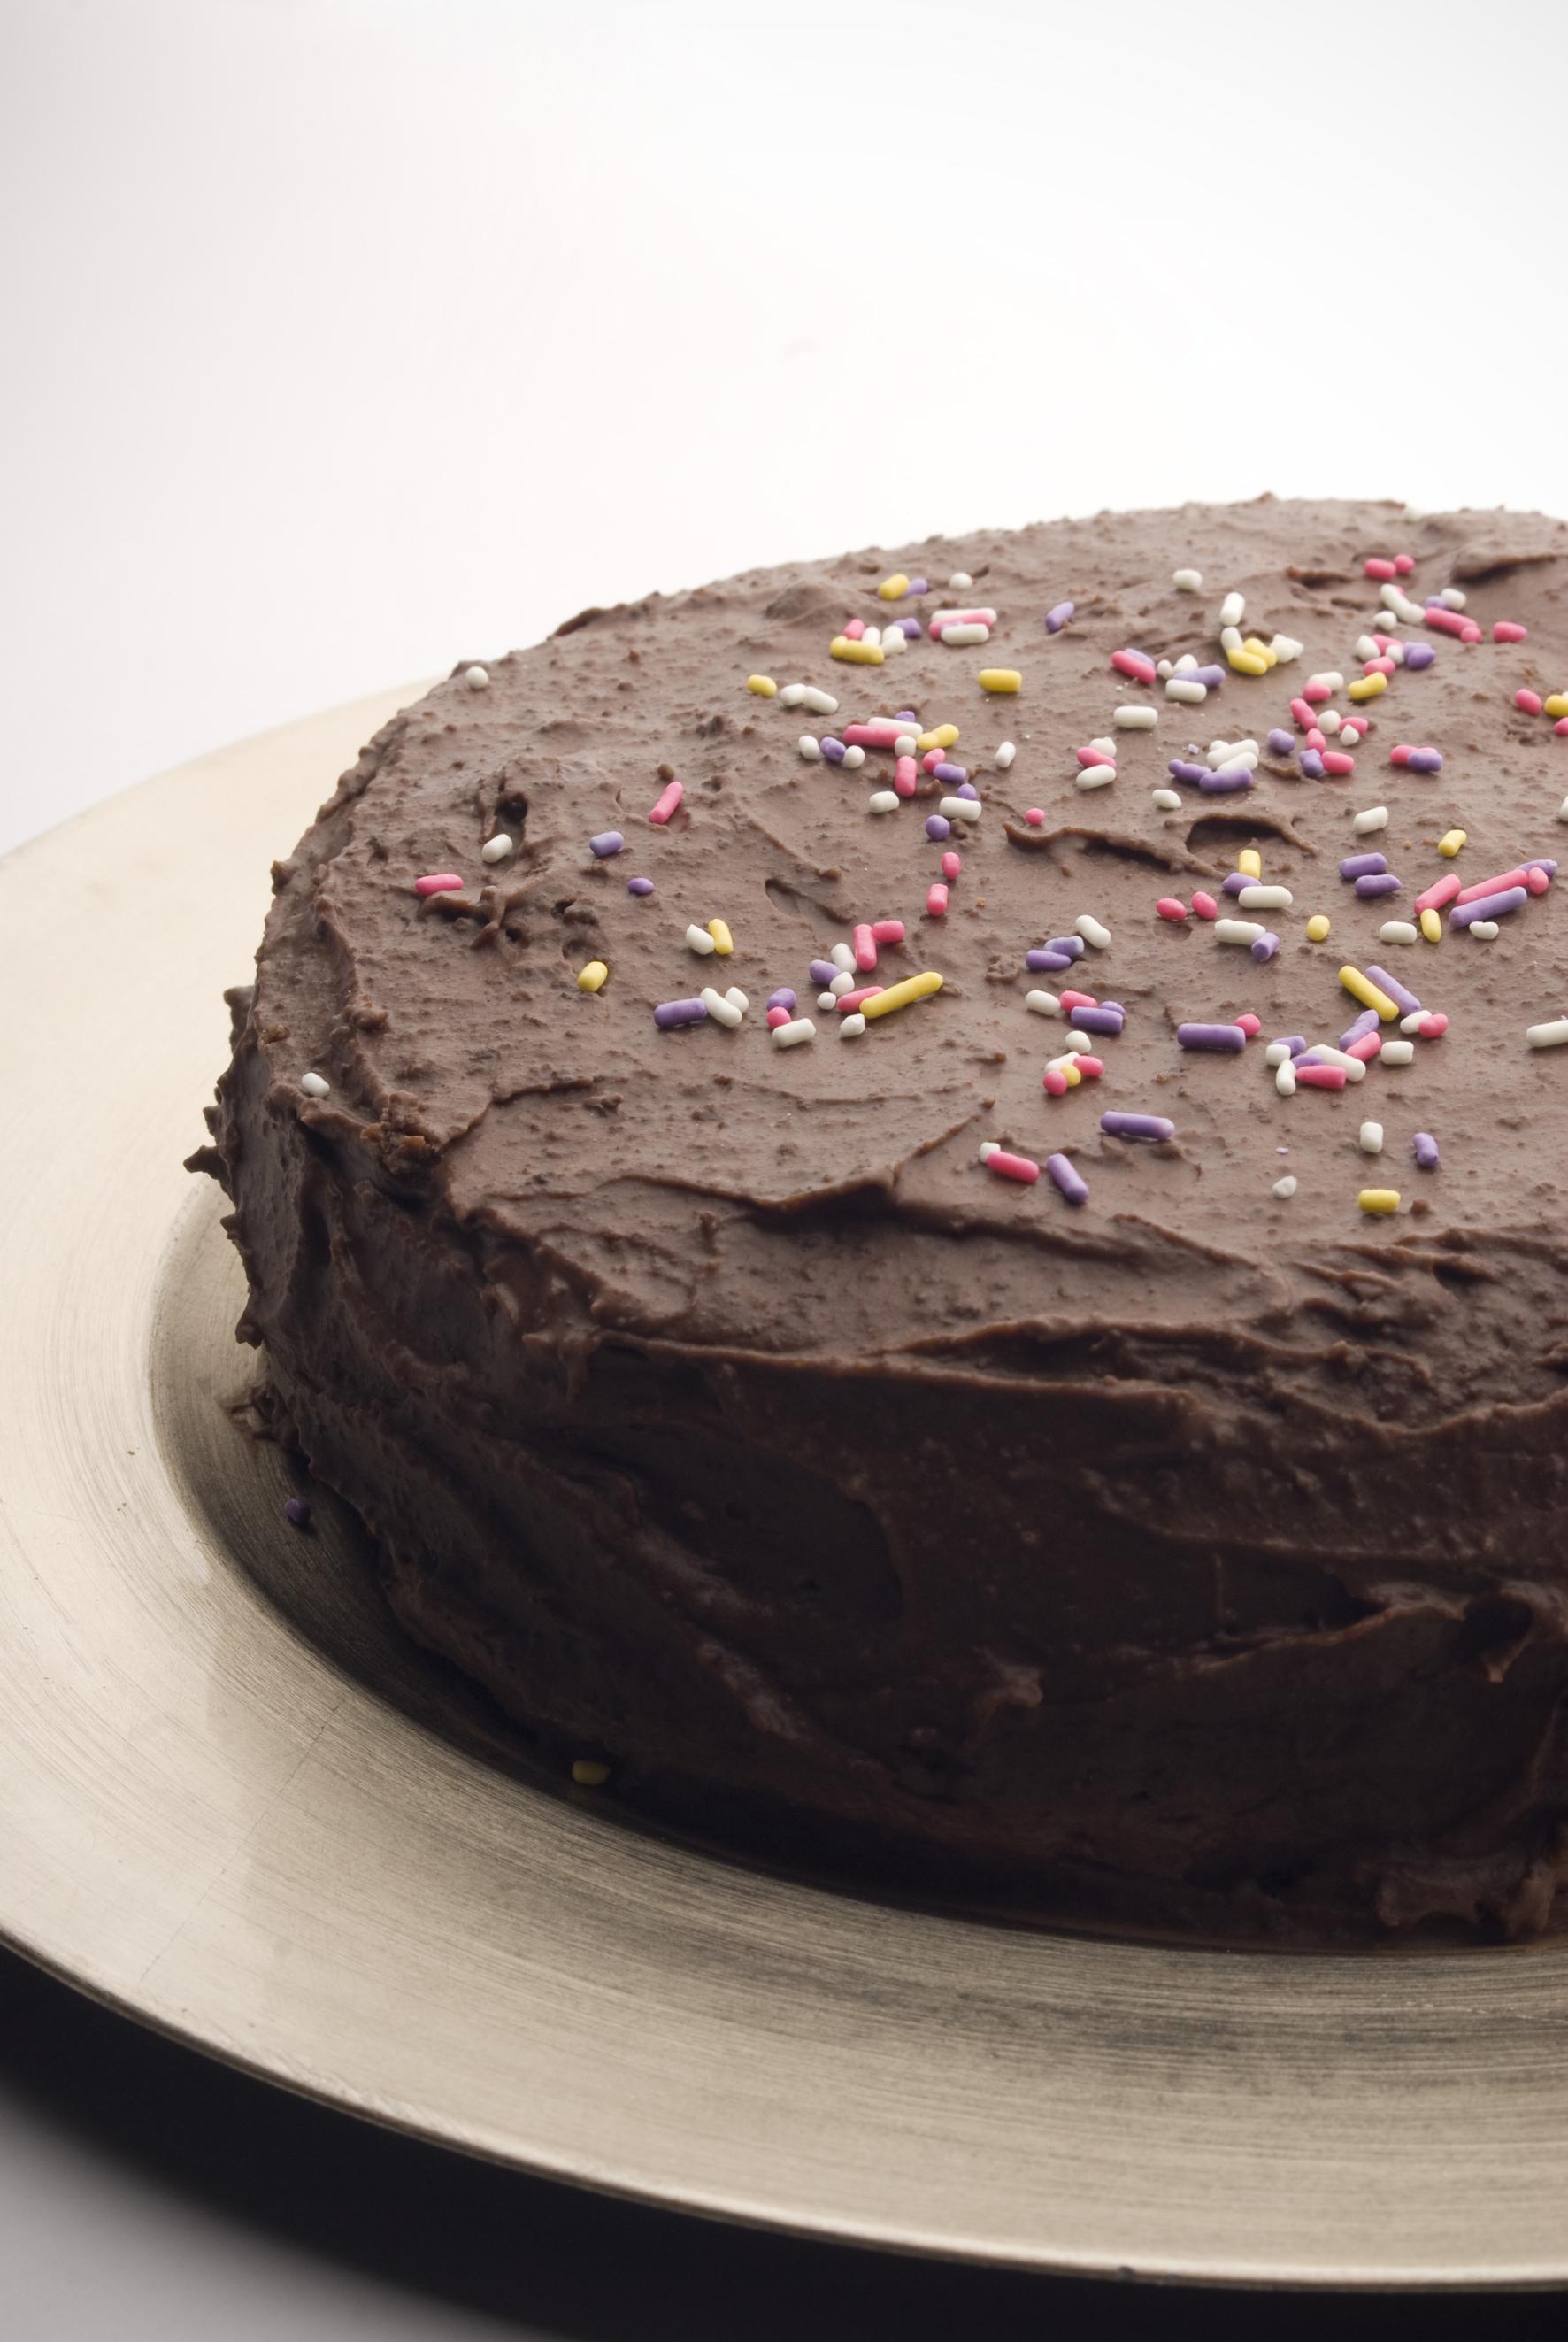 Baño Para Torta Infantil:Esponjosa y suave torta de chocolate, con cobertura de chocolate